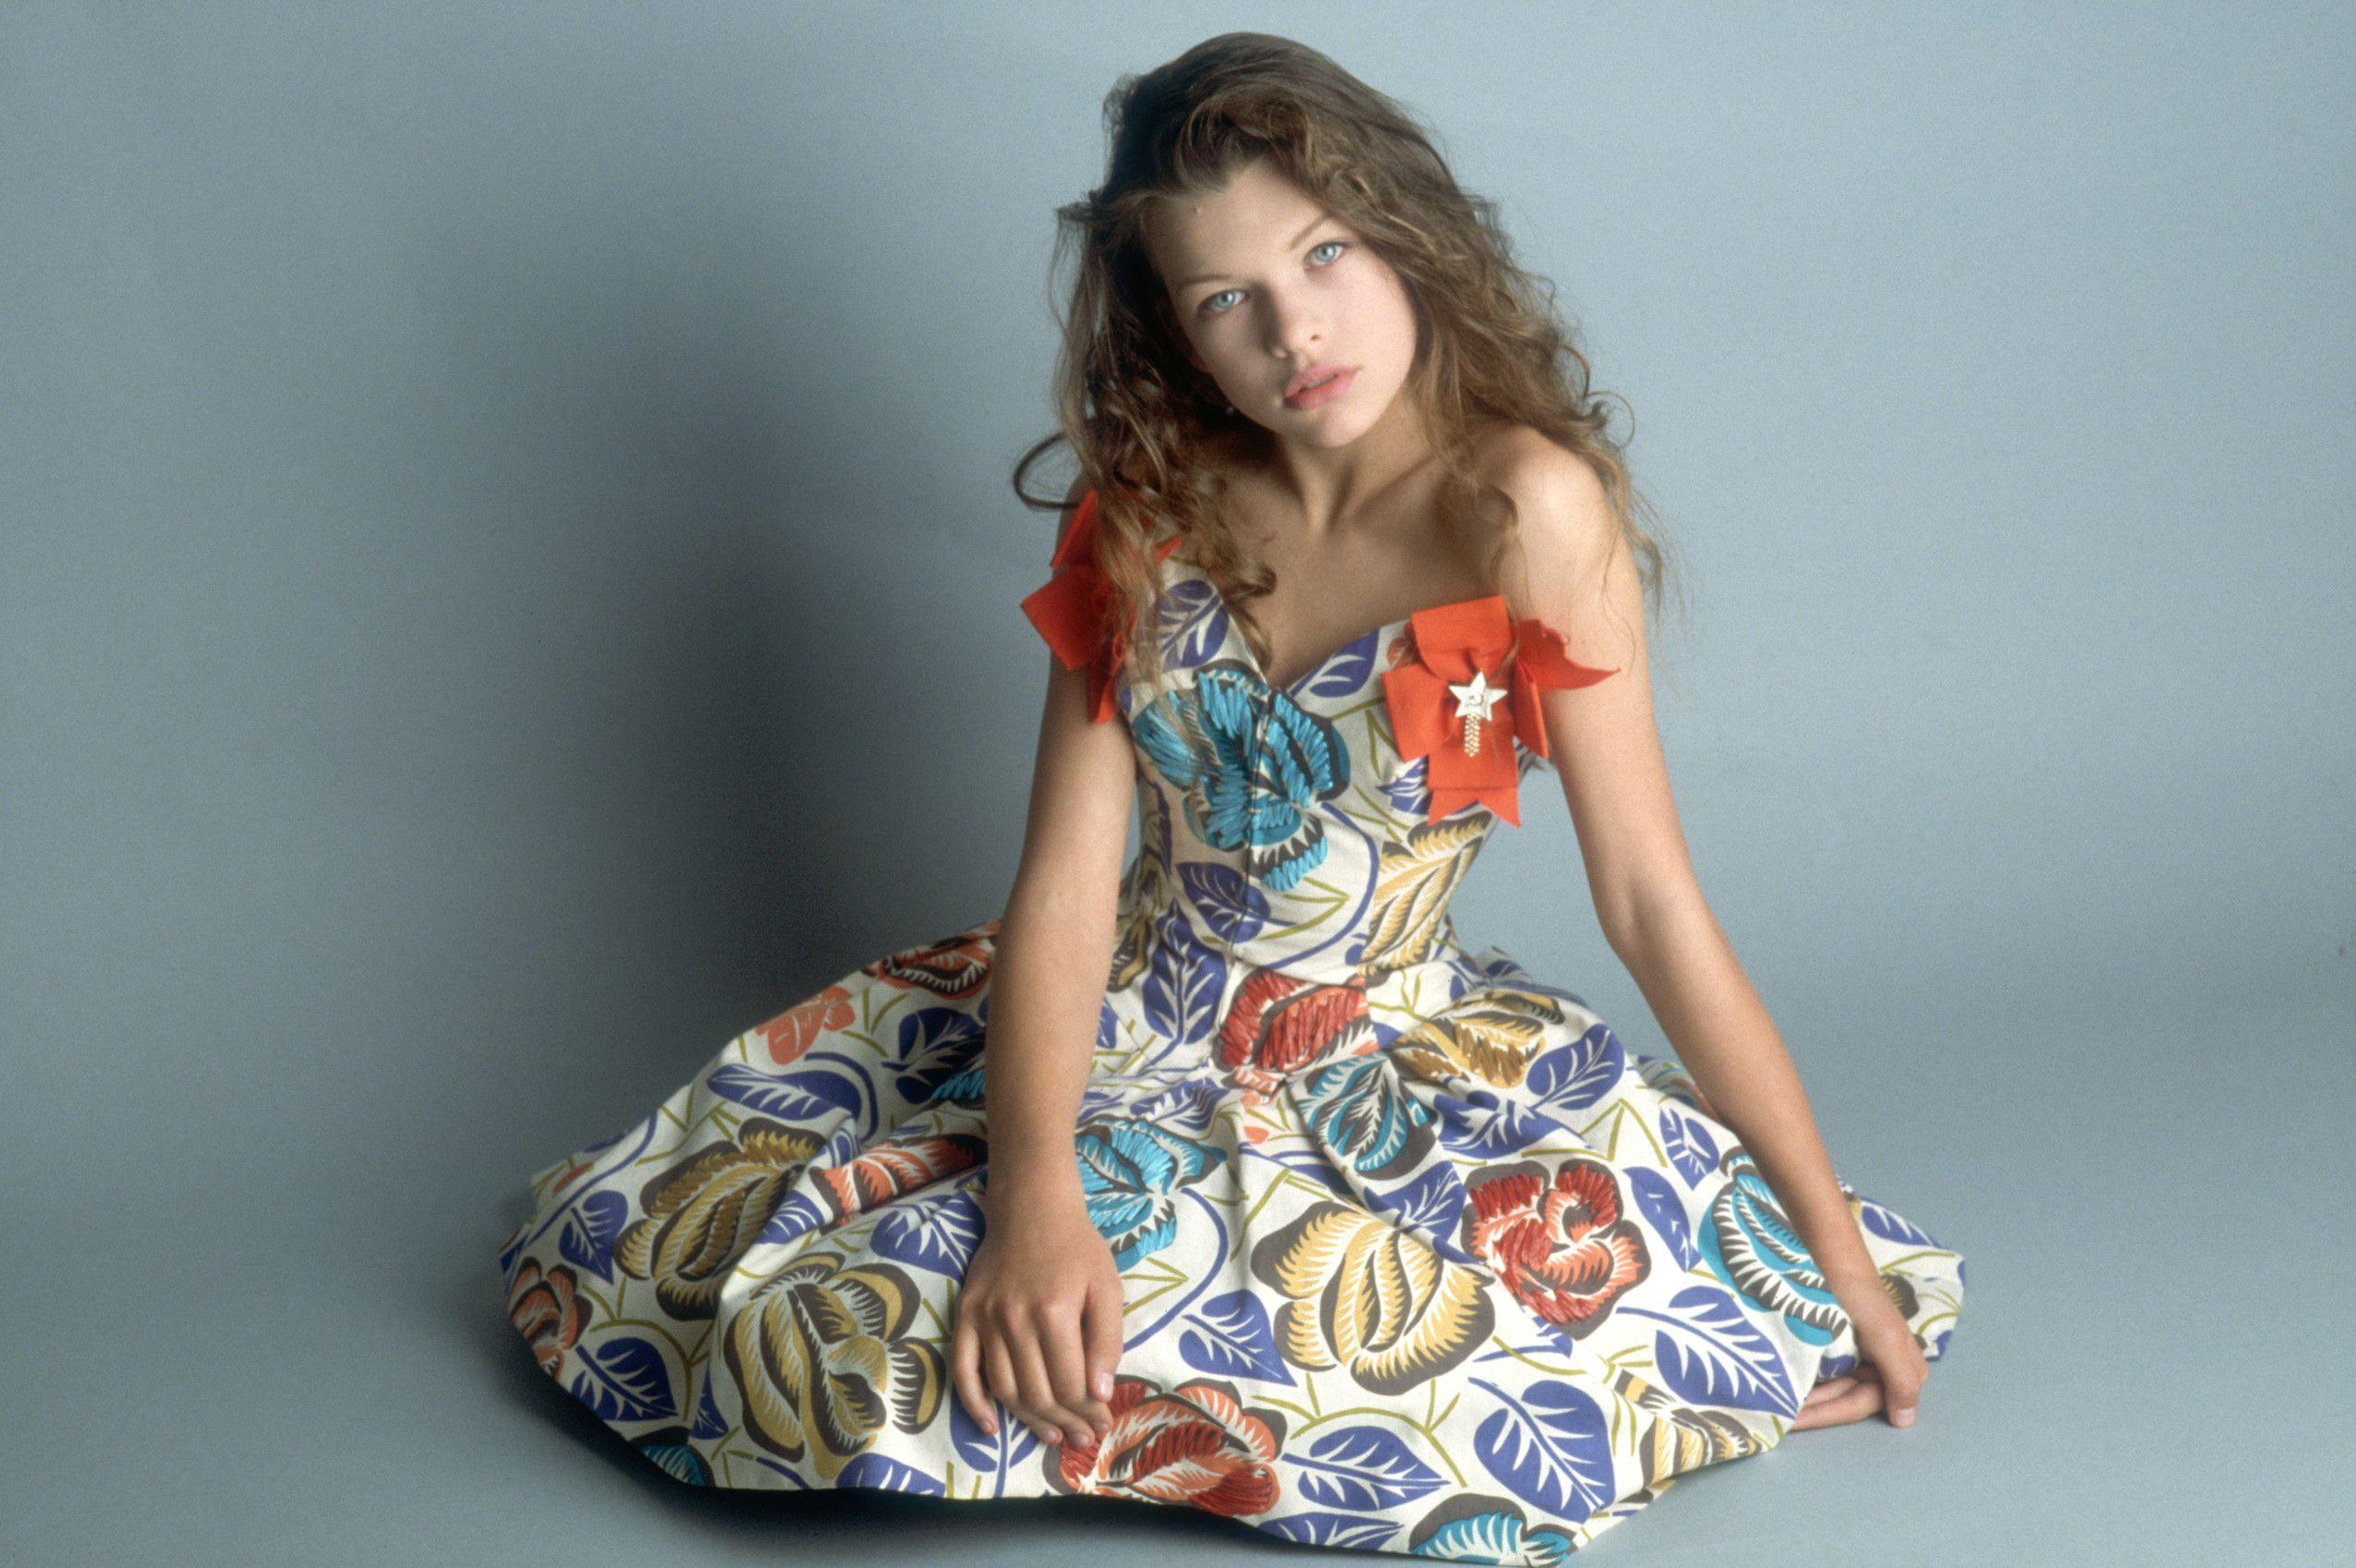 Сайты для девочек моделей фото 23 фотография